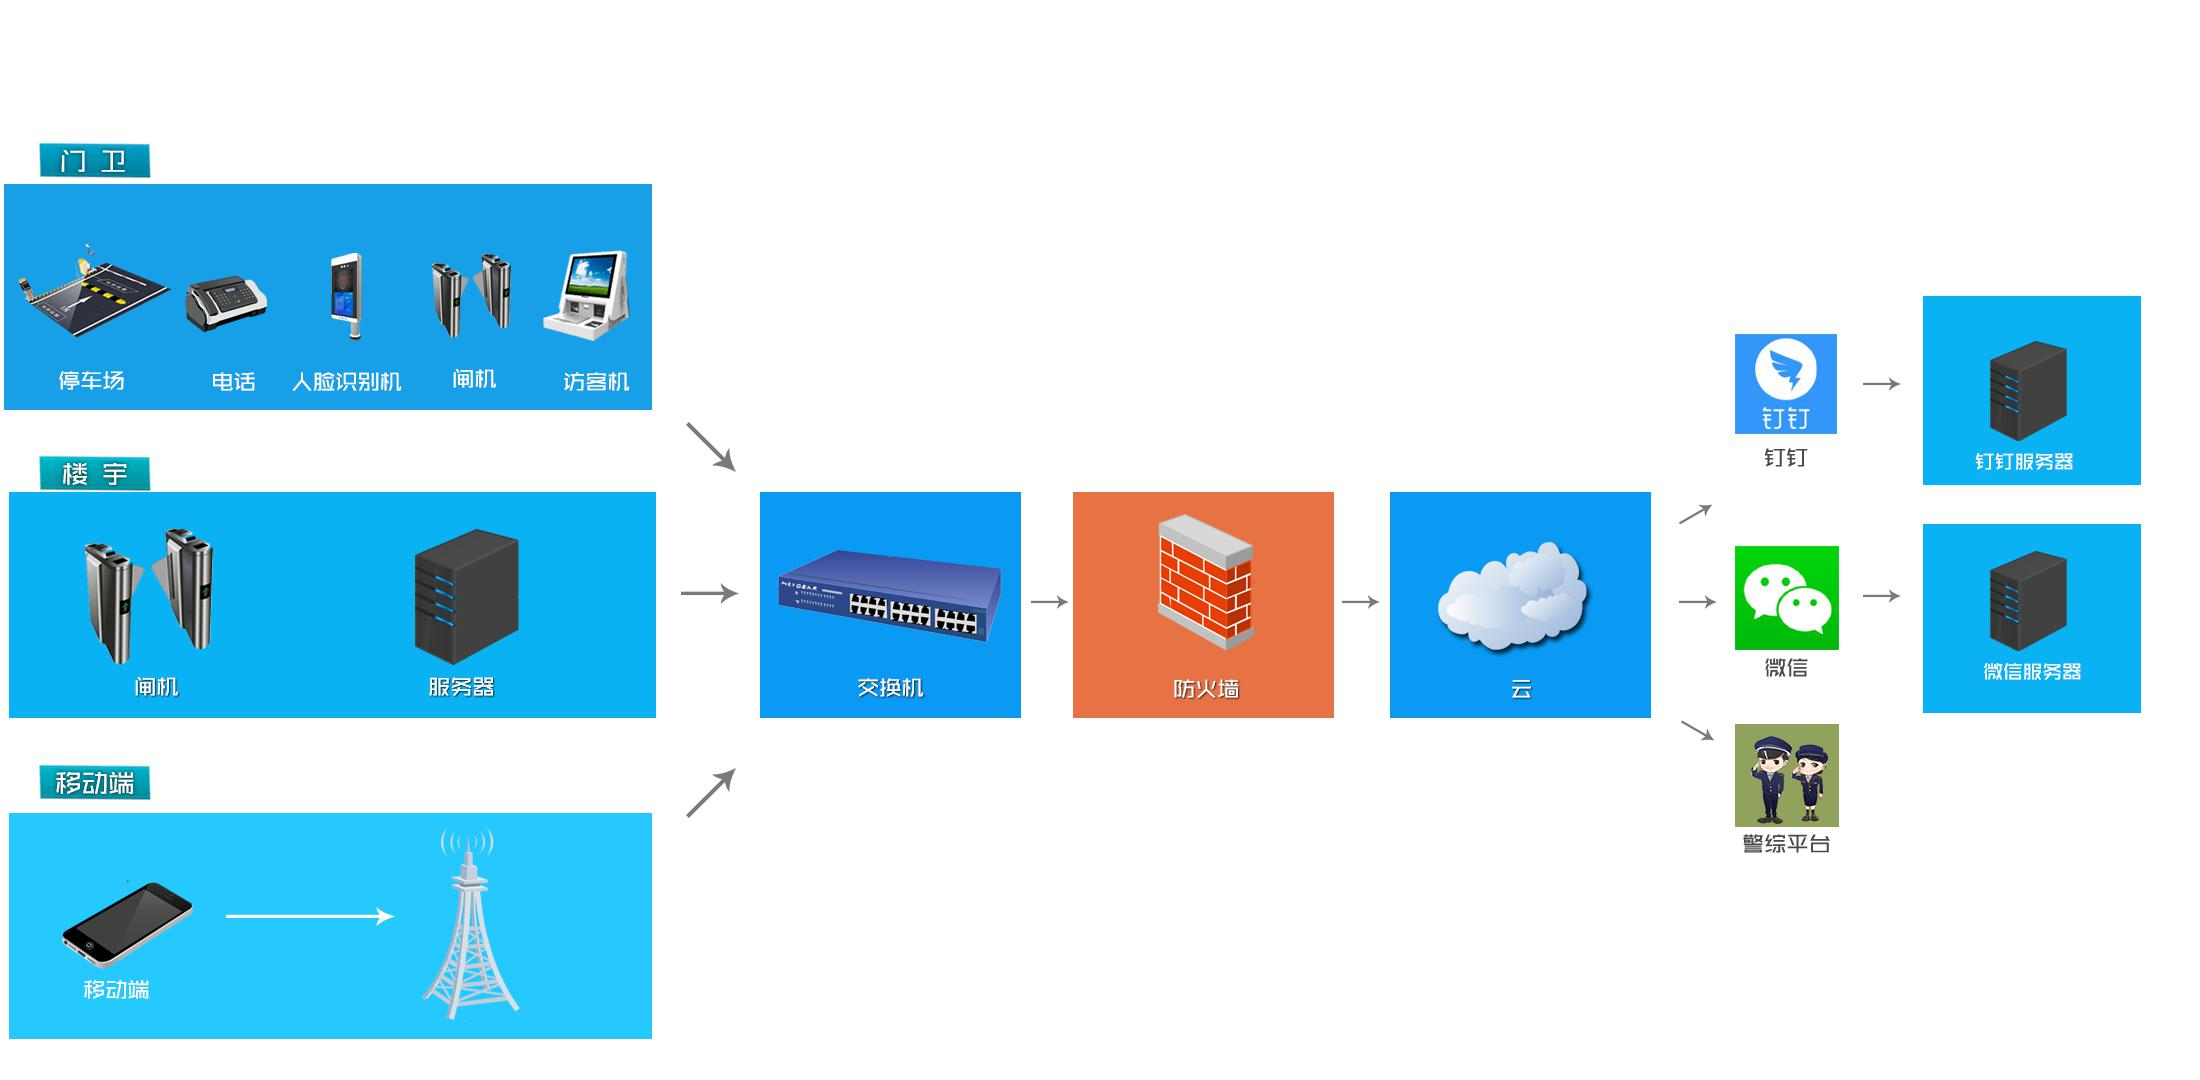 智慧楼宇出入口控制系统网络拓扑结构